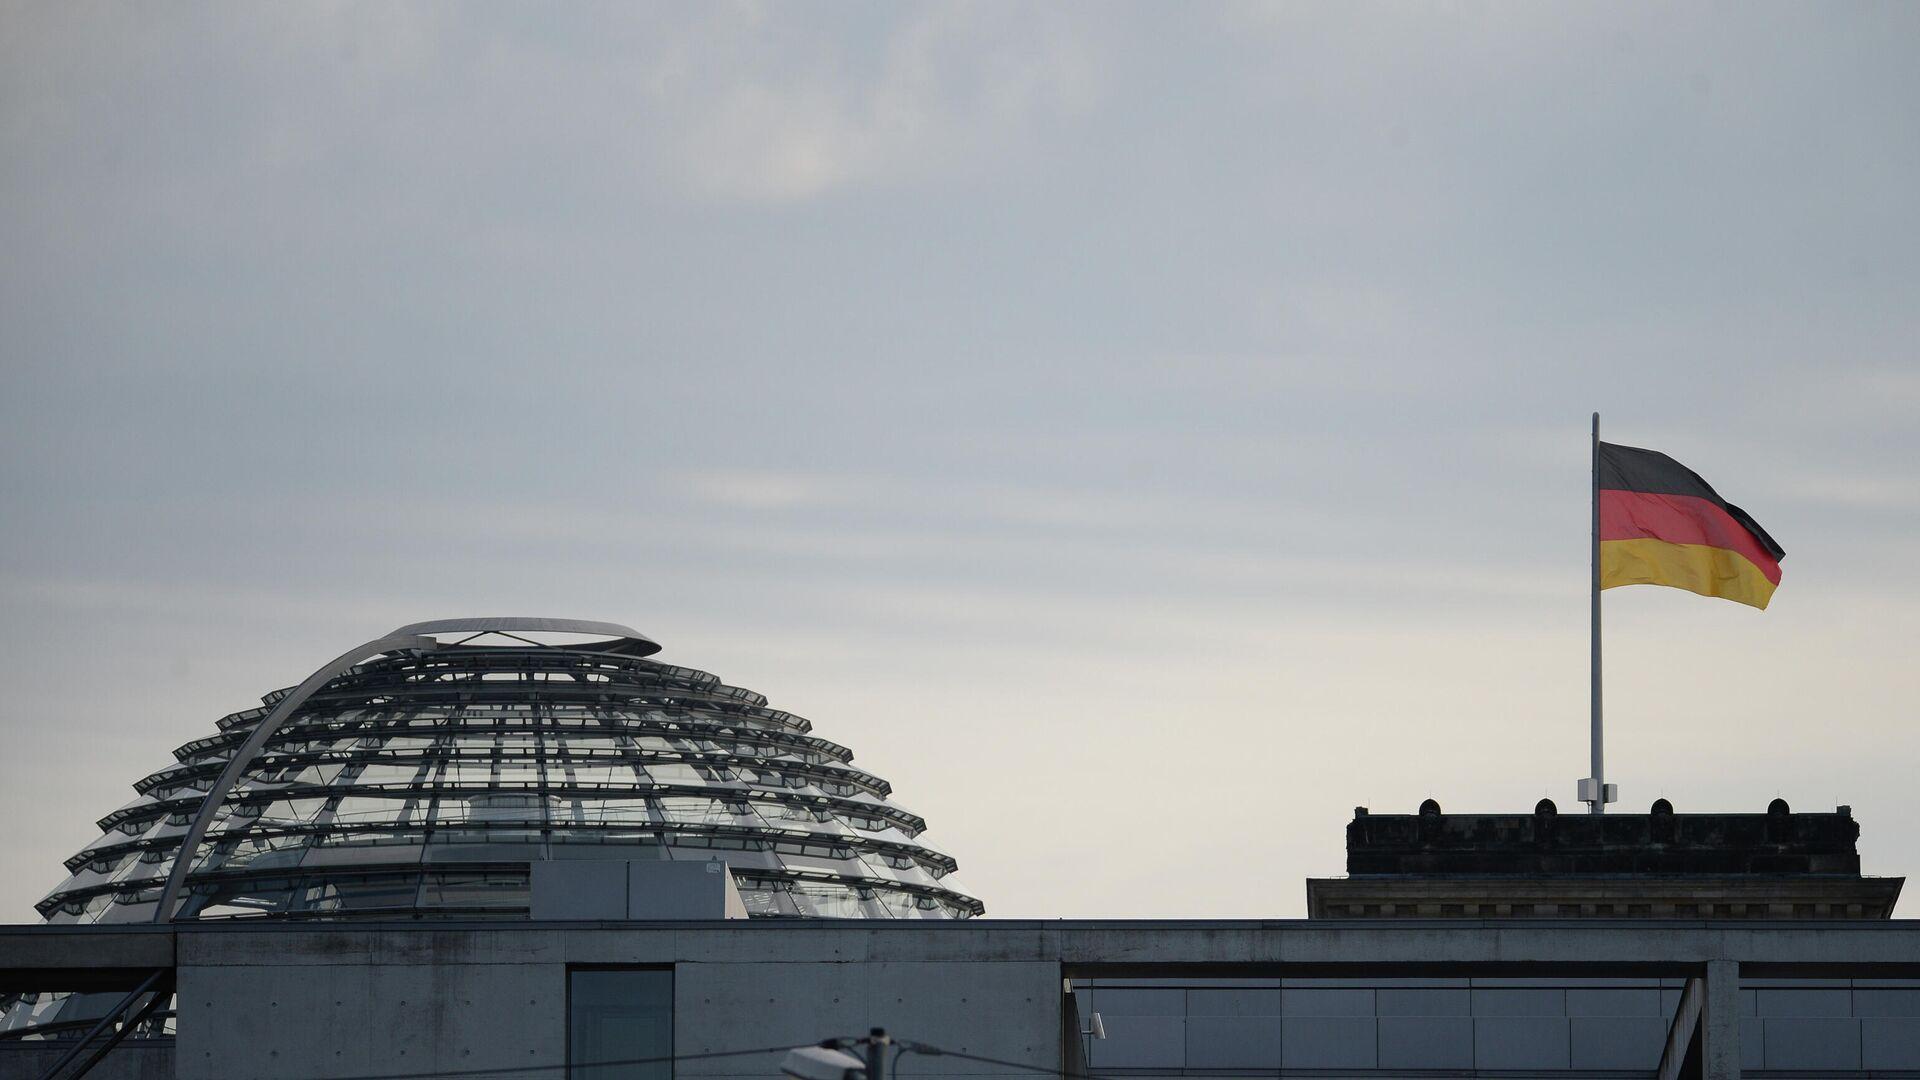 Κοινοβούλιο Γερμανίας - Sputnik Ελλάδα, 1920, 27.09.2021